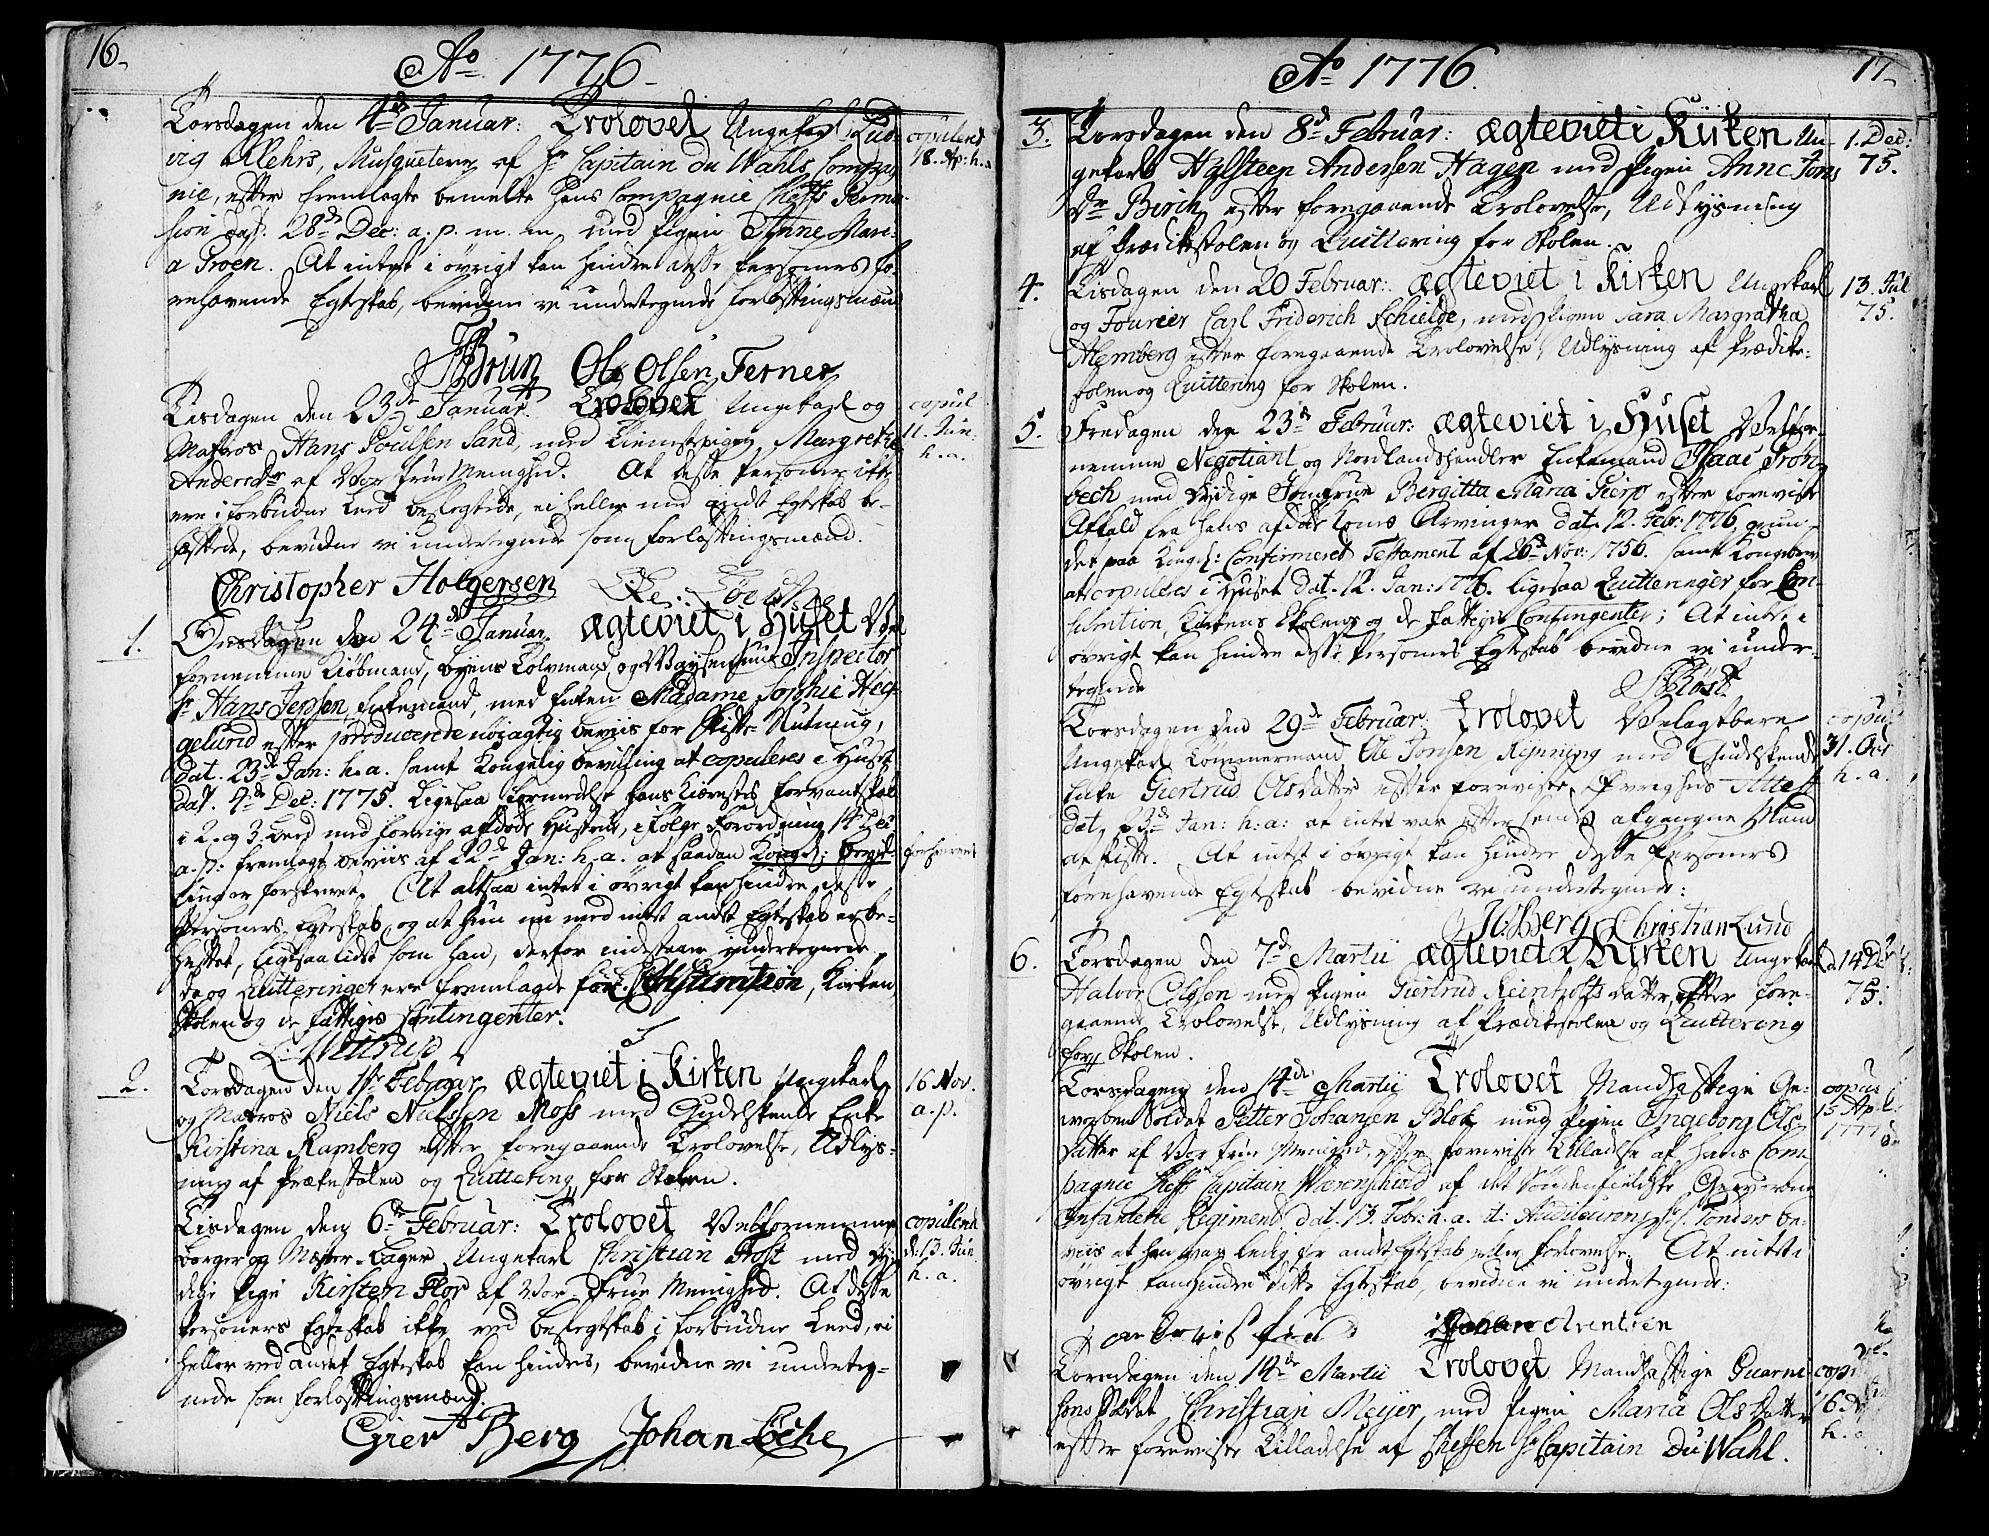 SAT, Ministerialprotokoller, klokkerbøker og fødselsregistre - Sør-Trøndelag, 602/L0105: Ministerialbok nr. 602A03, 1774-1814, s. 16-17